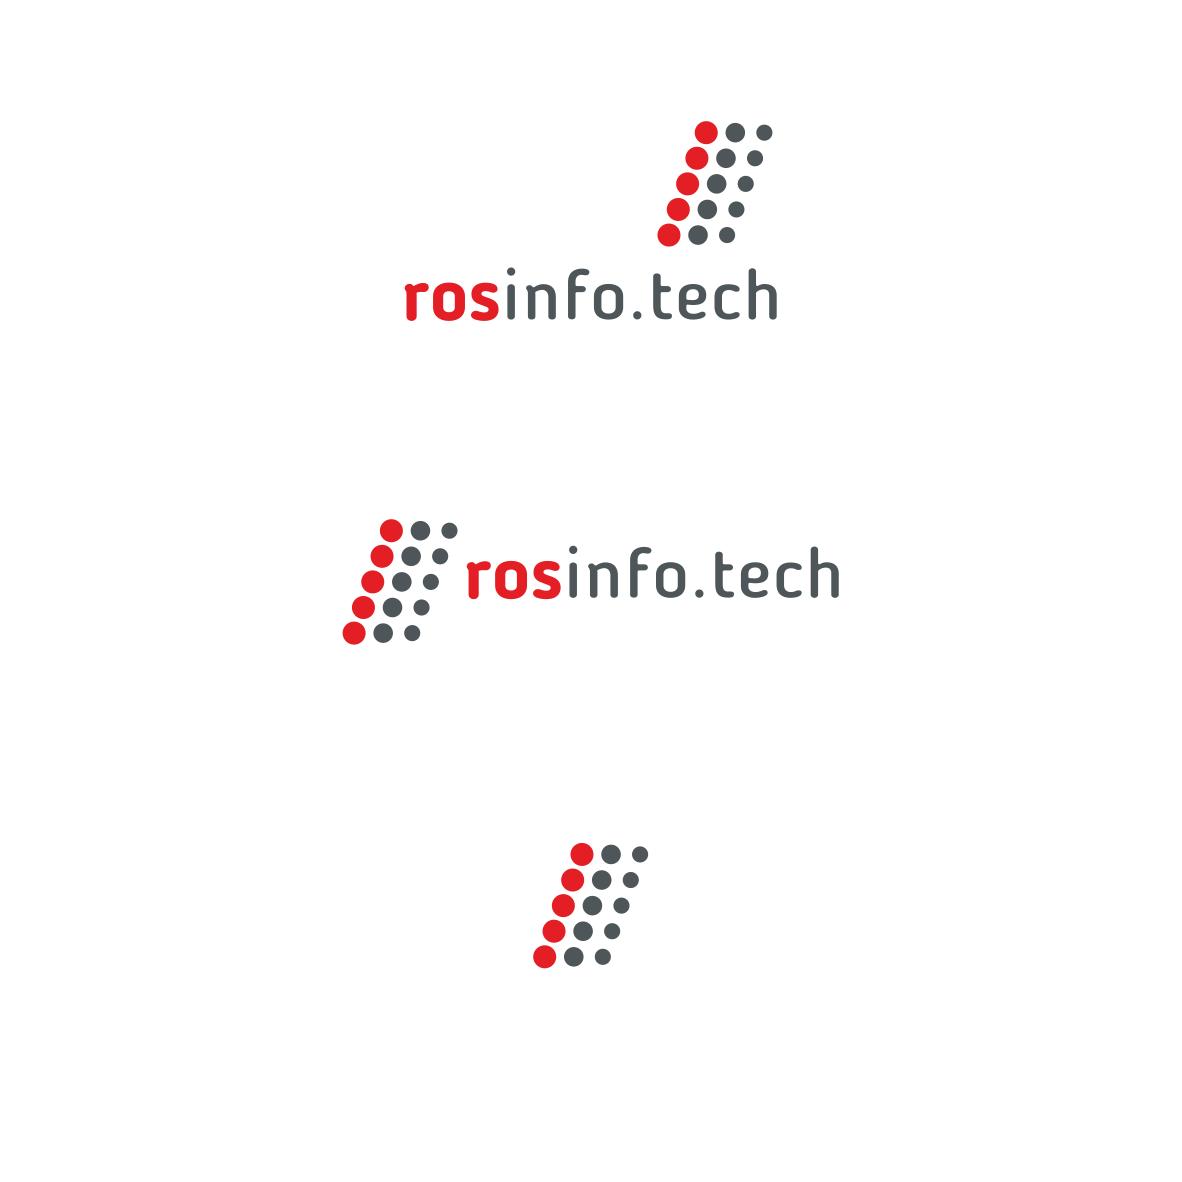 Разработка пакета айдентики rosinfo.tech фото f_0035e2095cfc980b.png